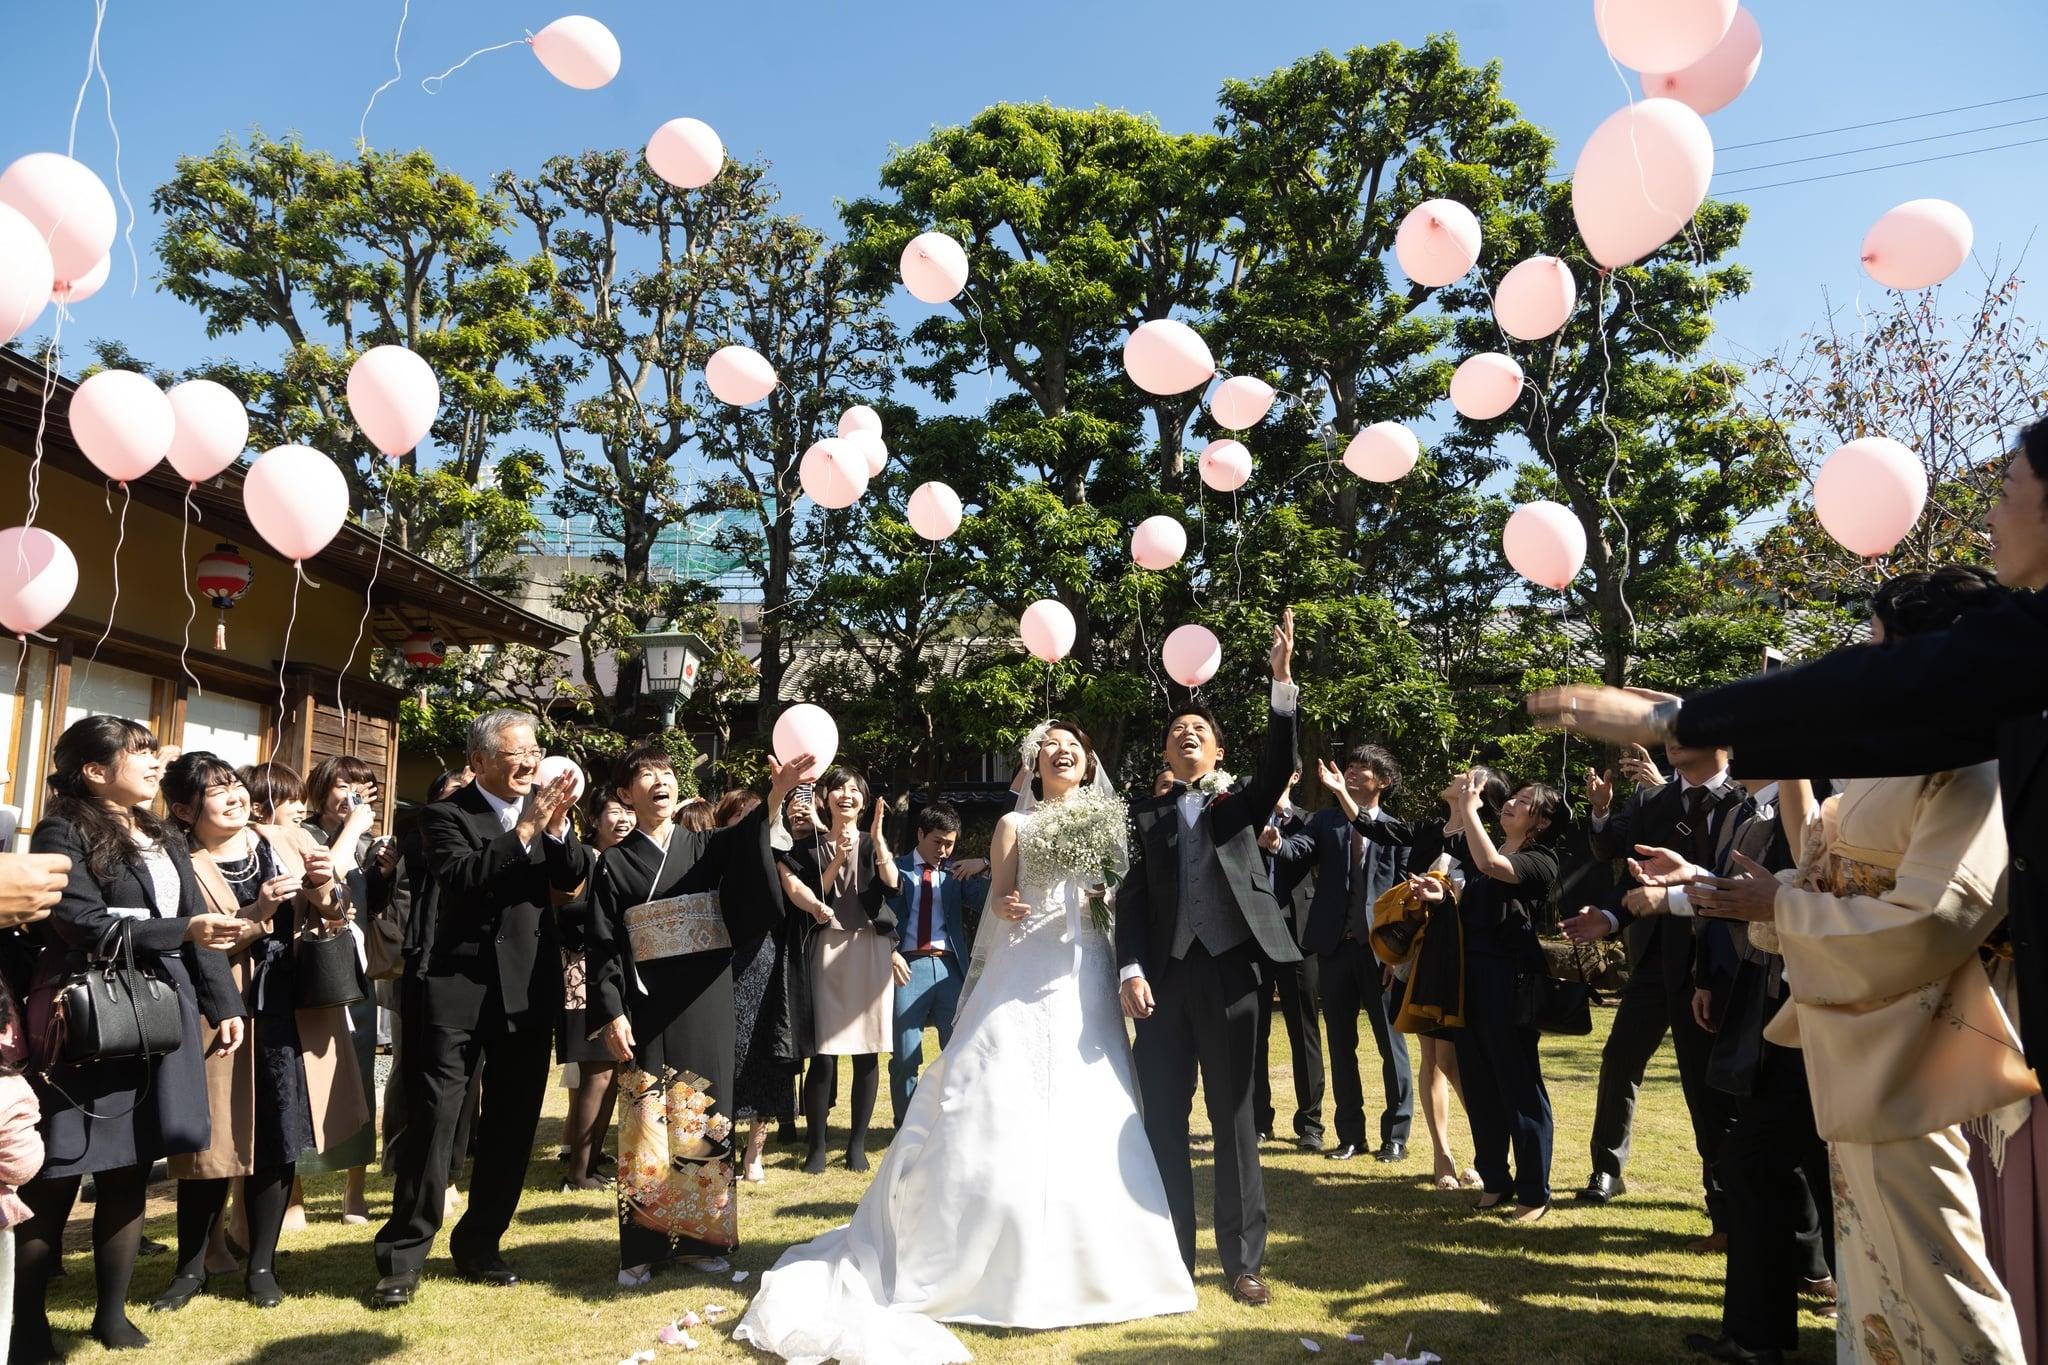 長崎,花月,結婚式,家族婚